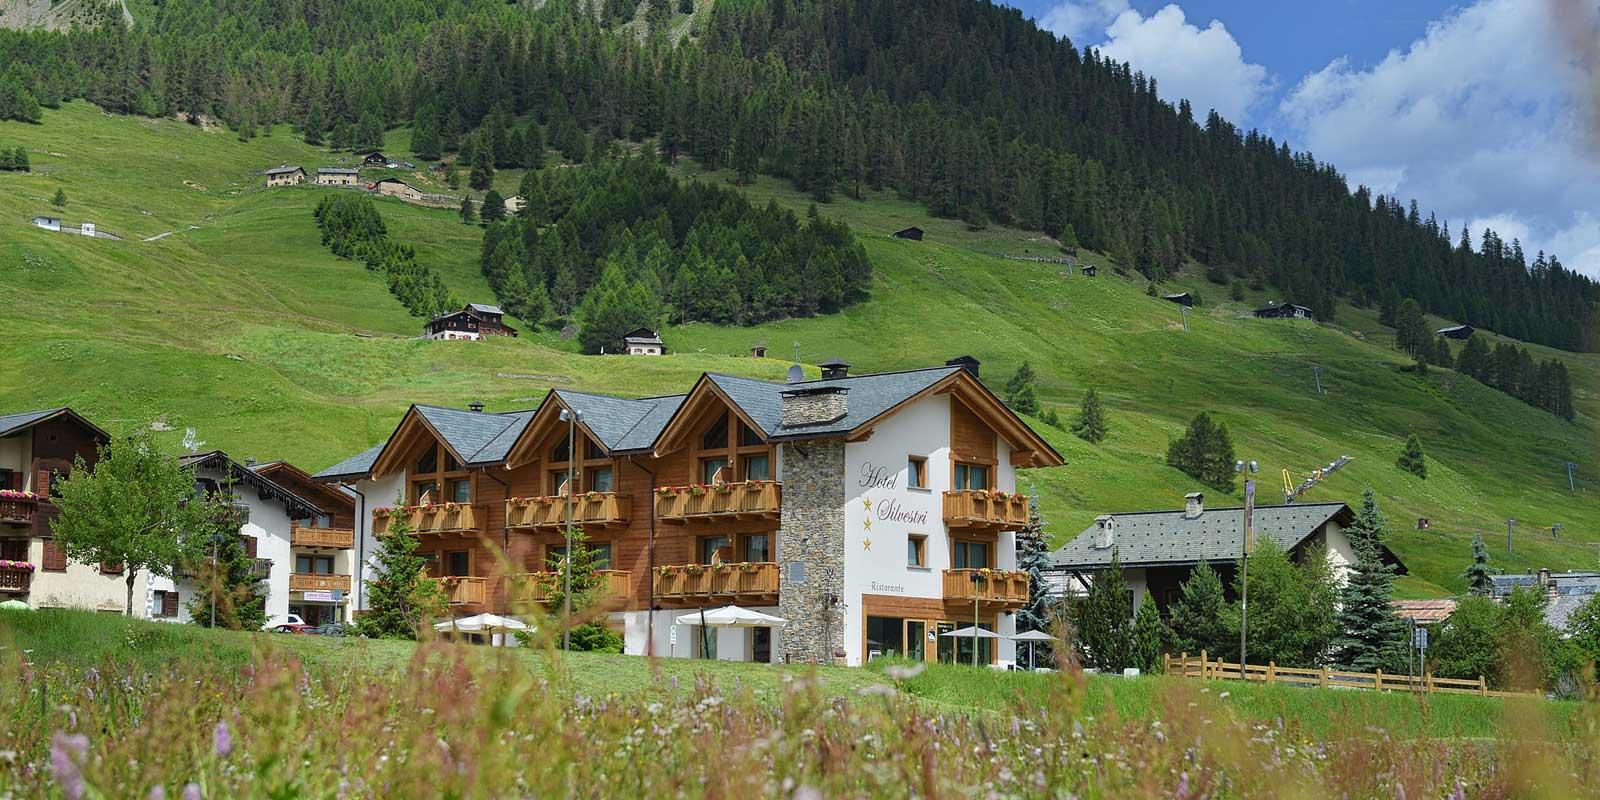 hotel silvestri livigno